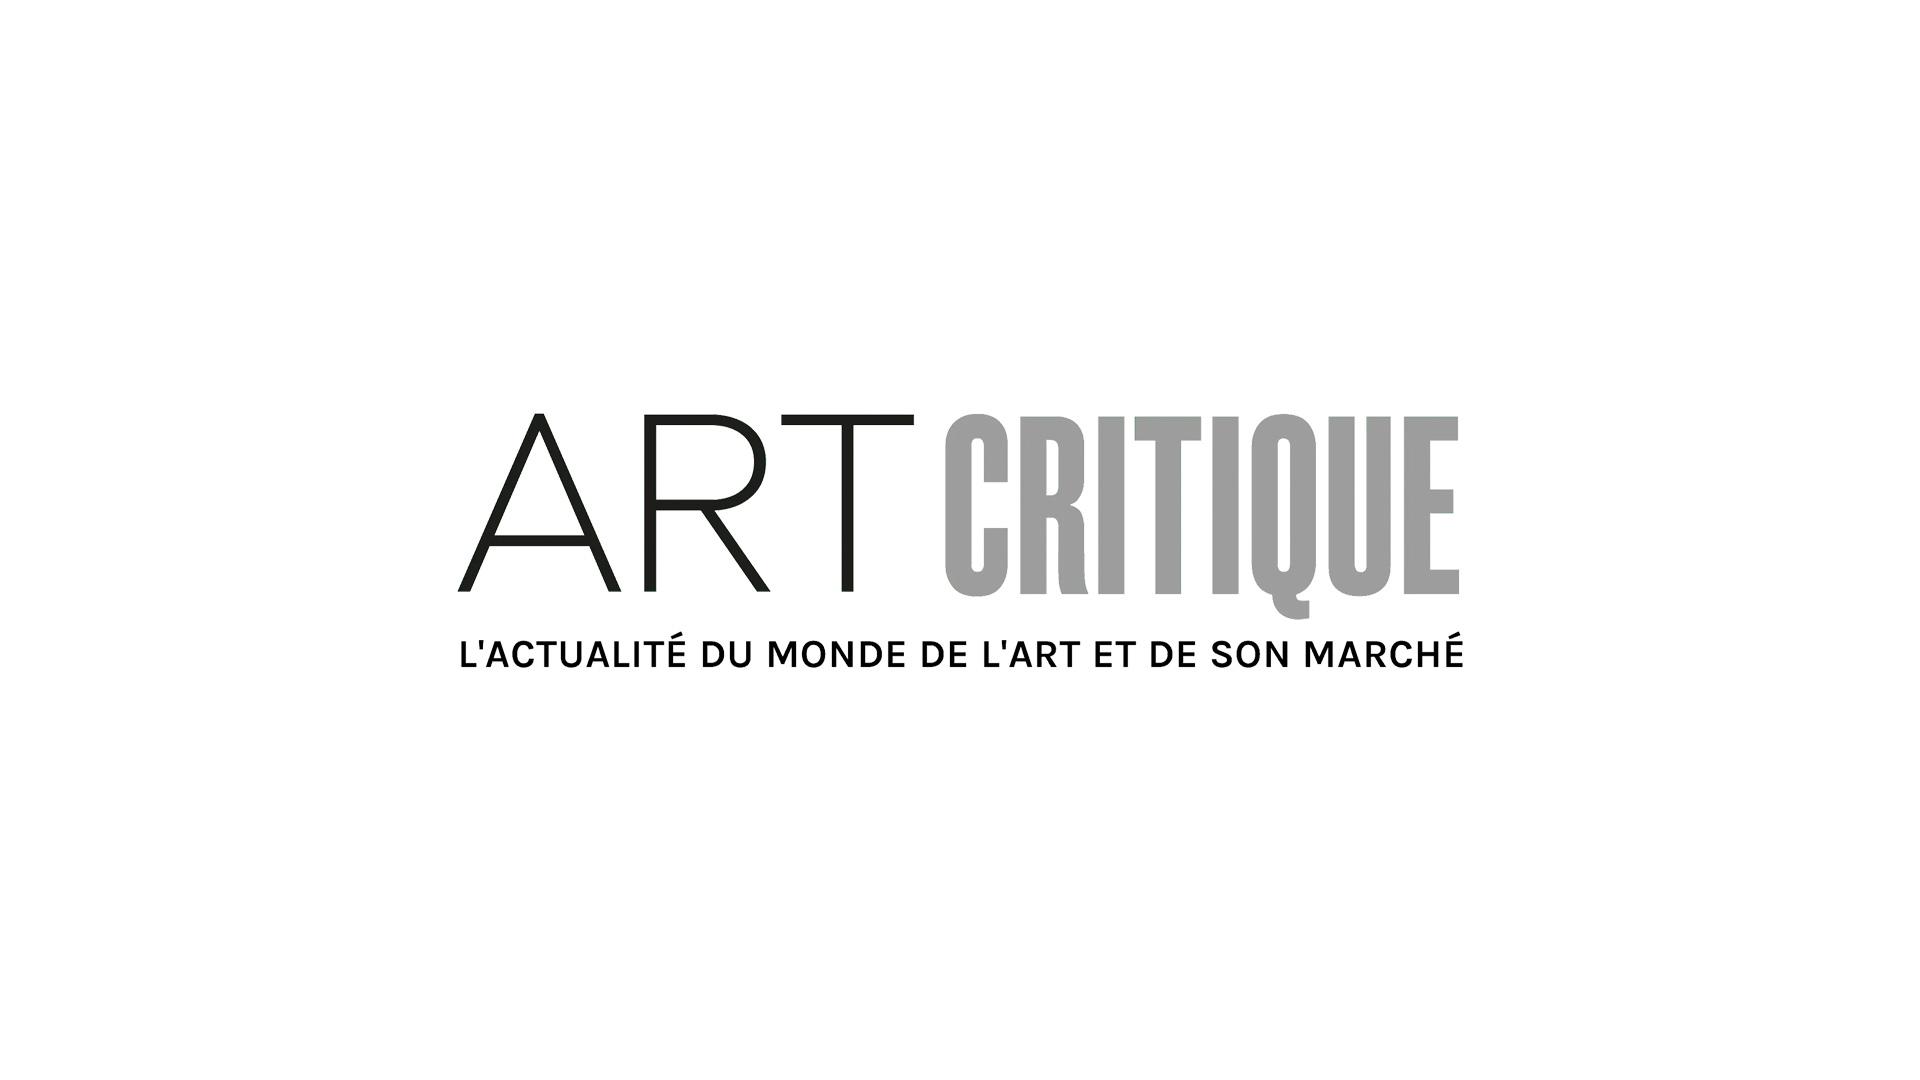 Un nouveau film sur Picasso